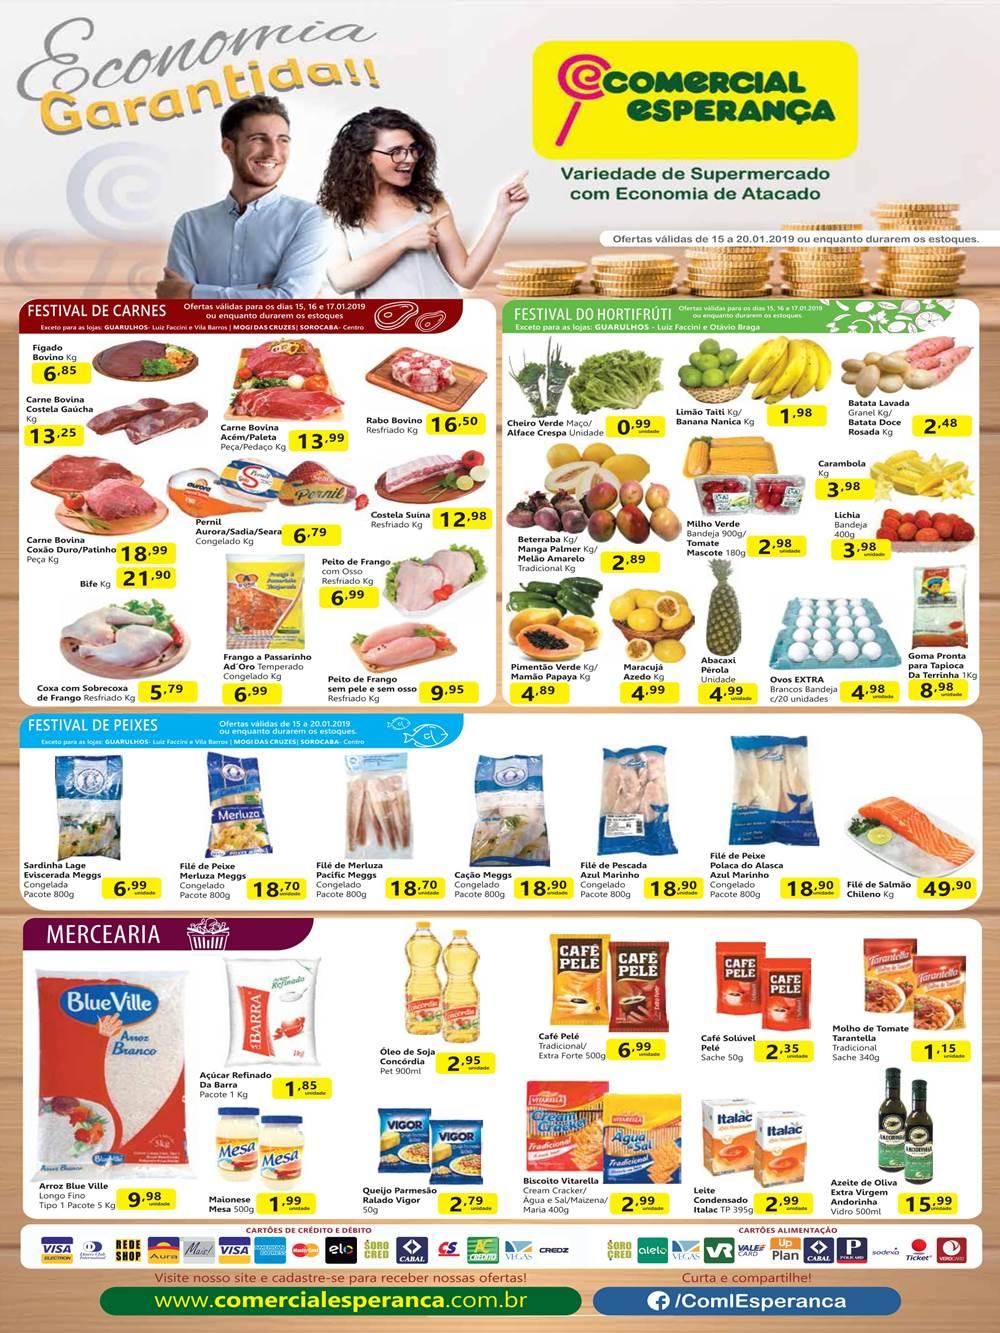 Ofertas-esperanca1-1 Ofertas de Supermercados - Economize!